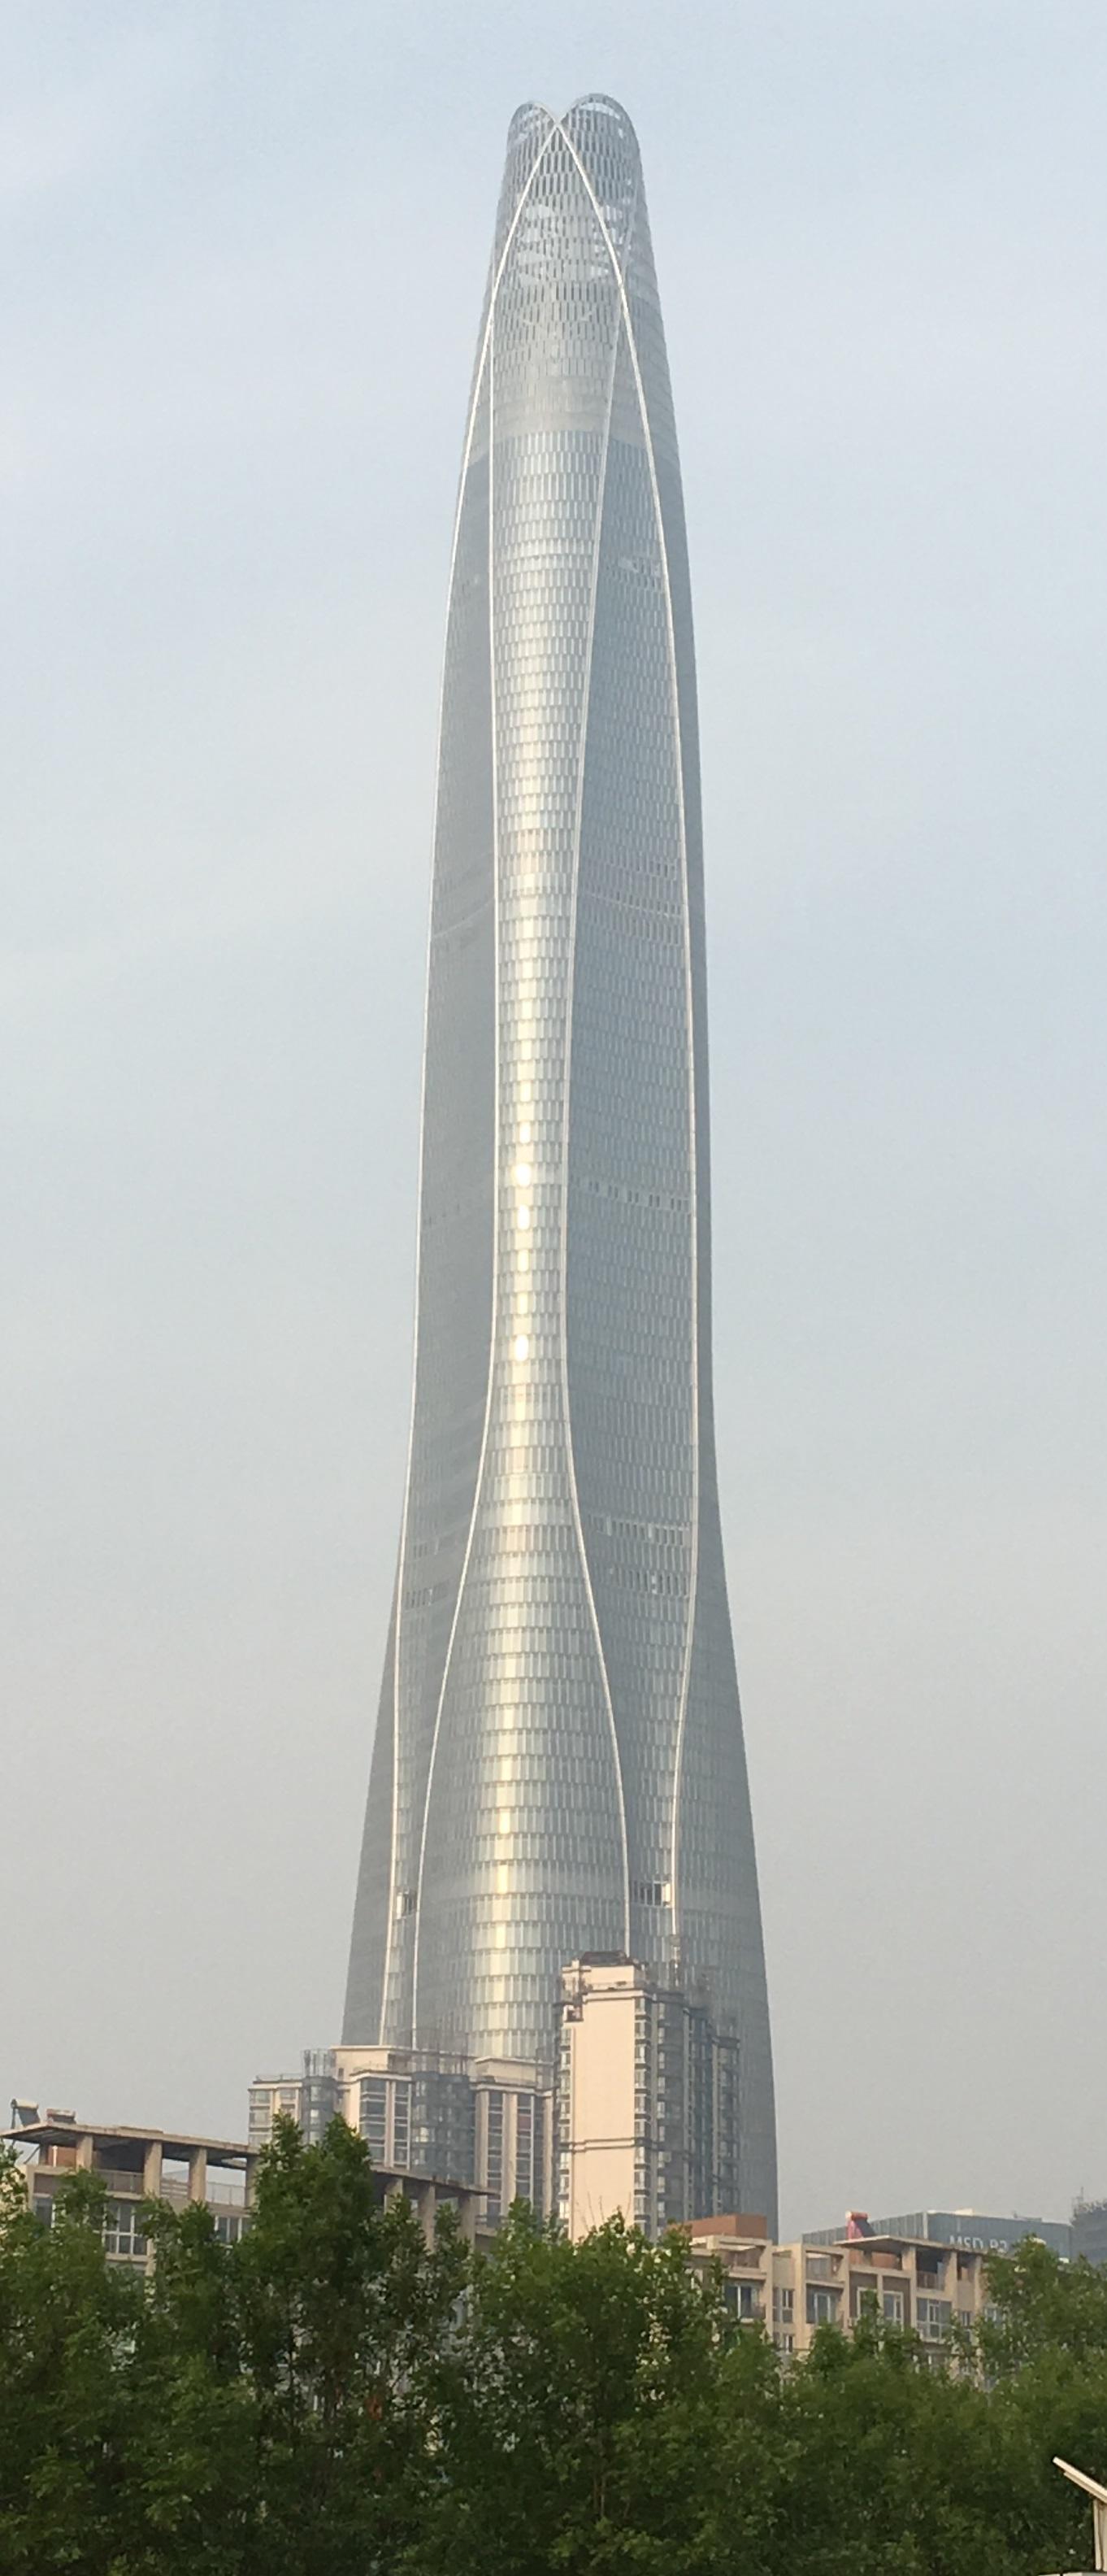 högst hus i världen - Tianjin CTF Finance Centre